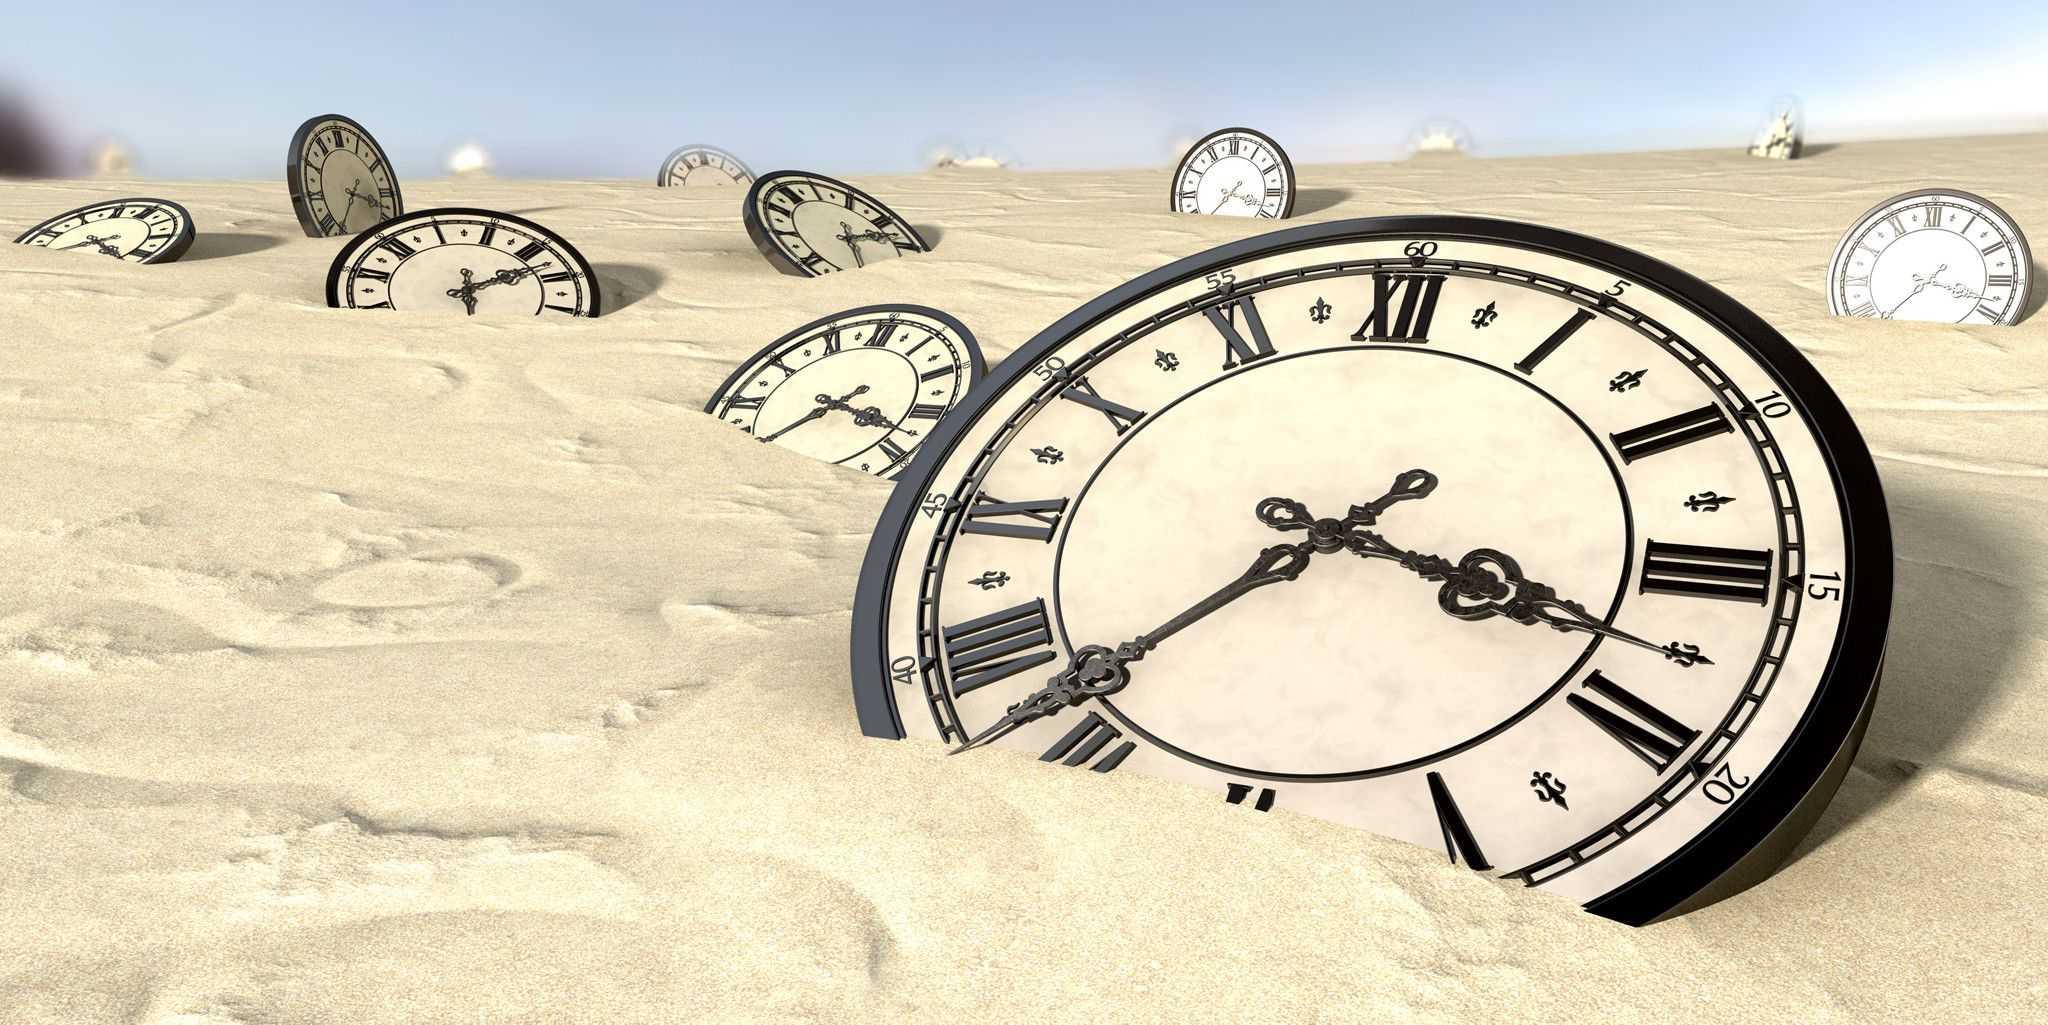 Биологические часы воссоздали в лабораторных условиях